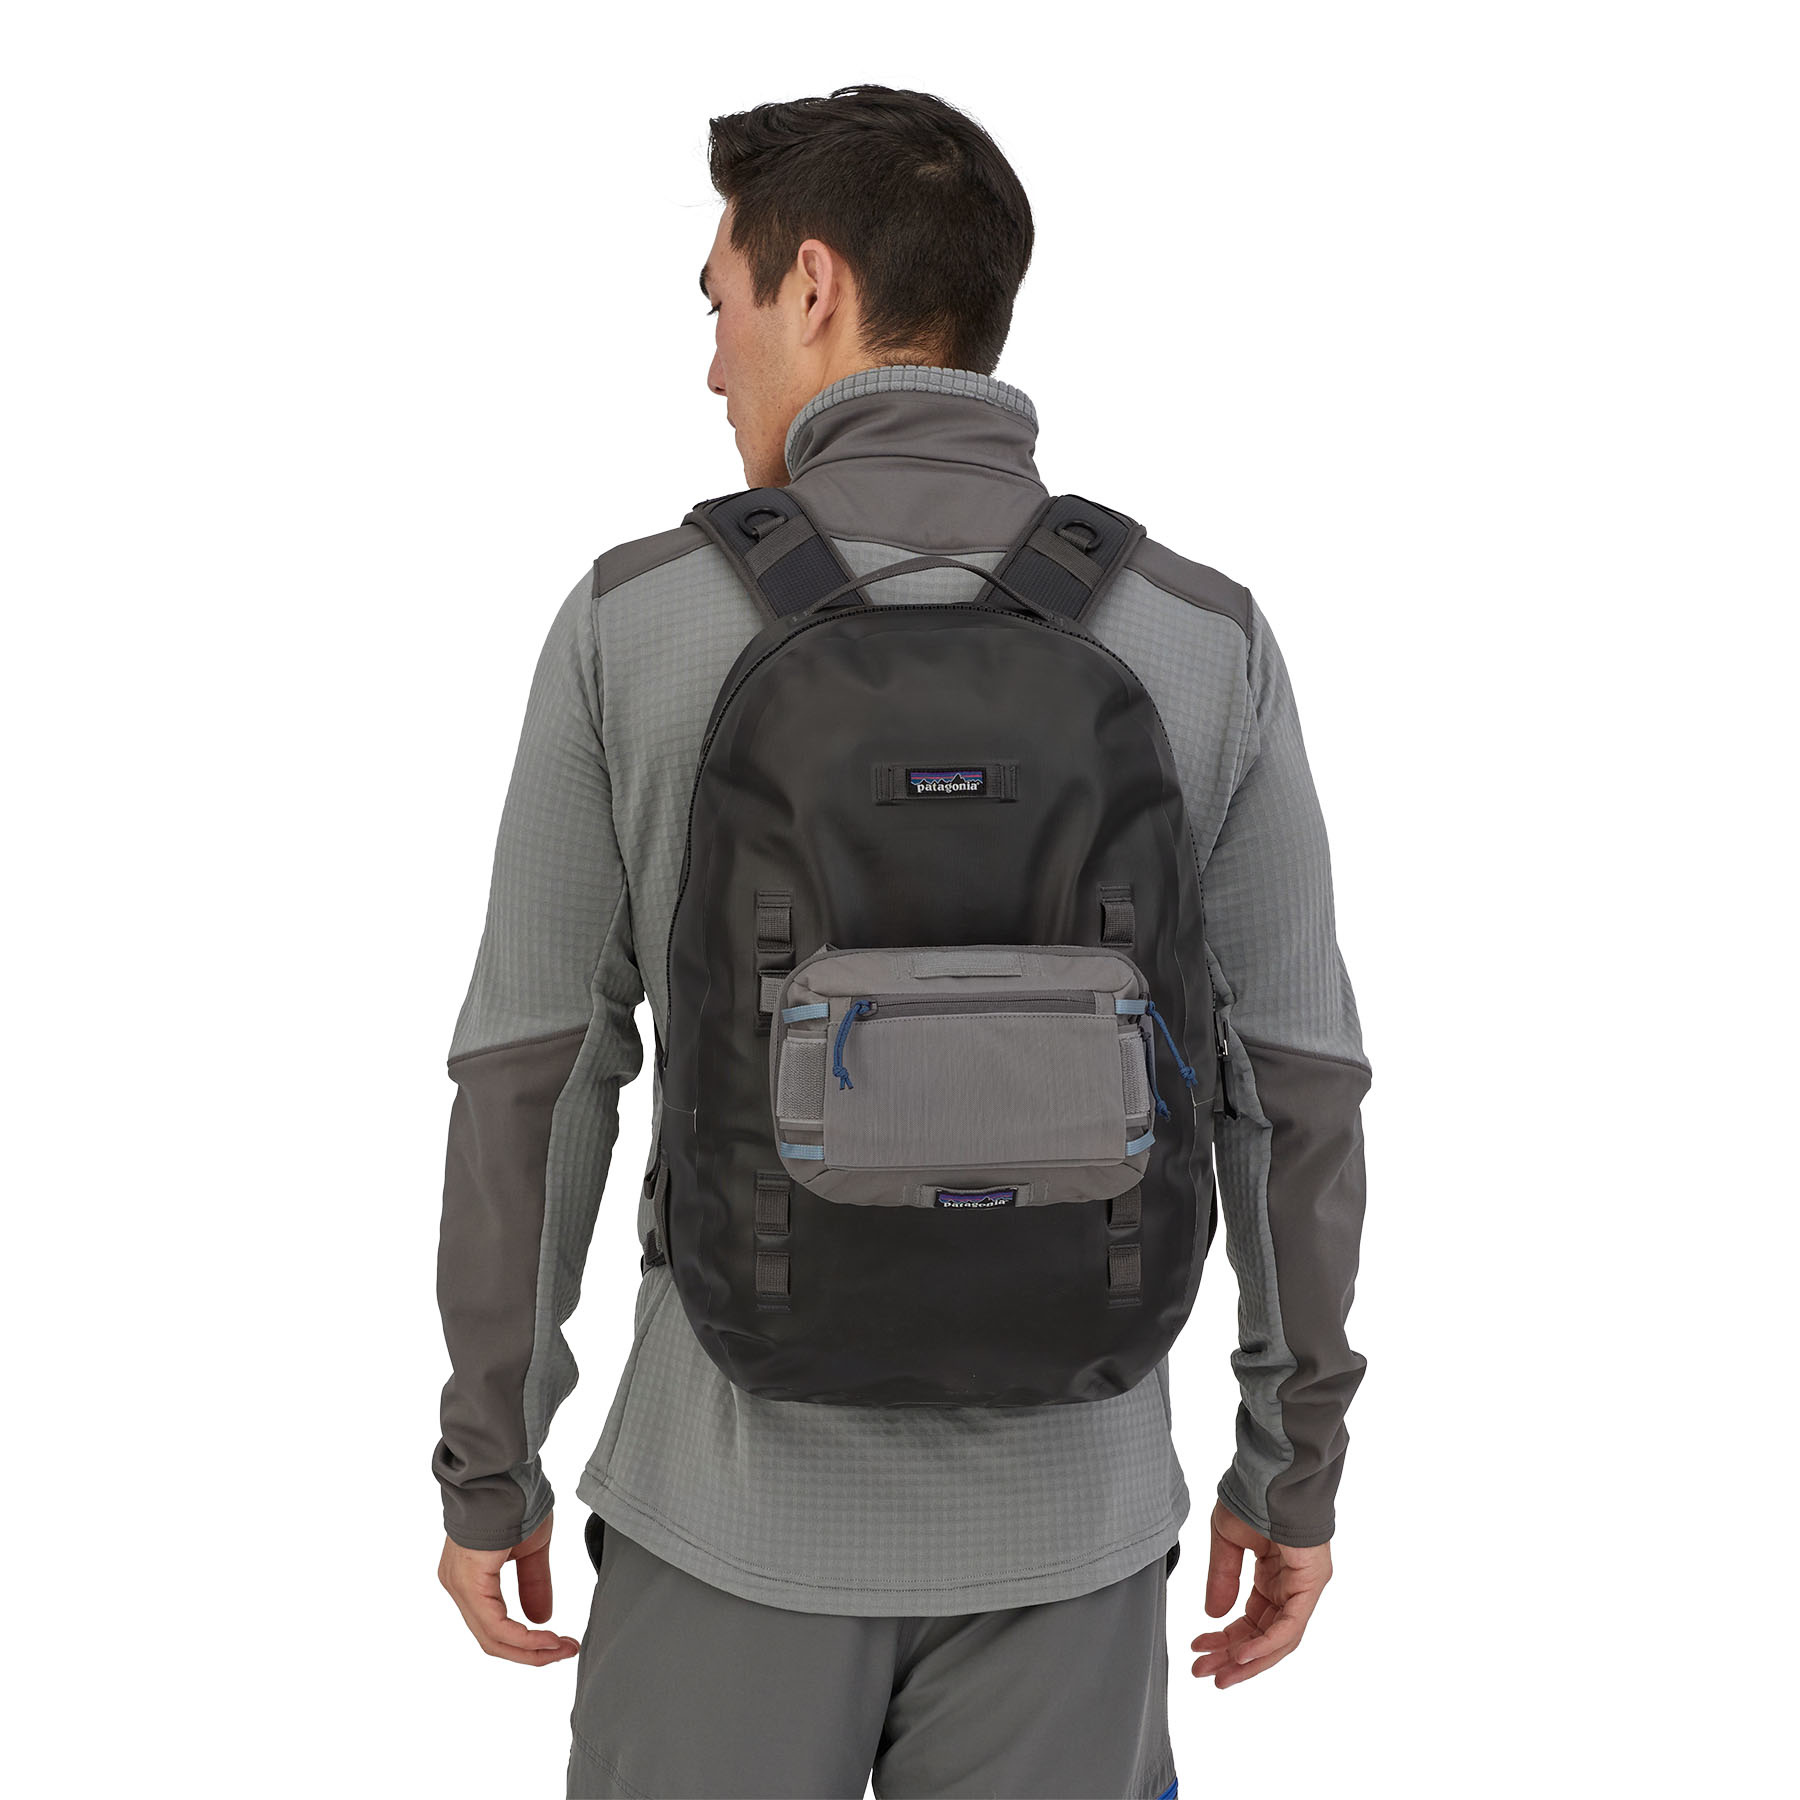 Patagonia Patagonia Guidewater Backpack